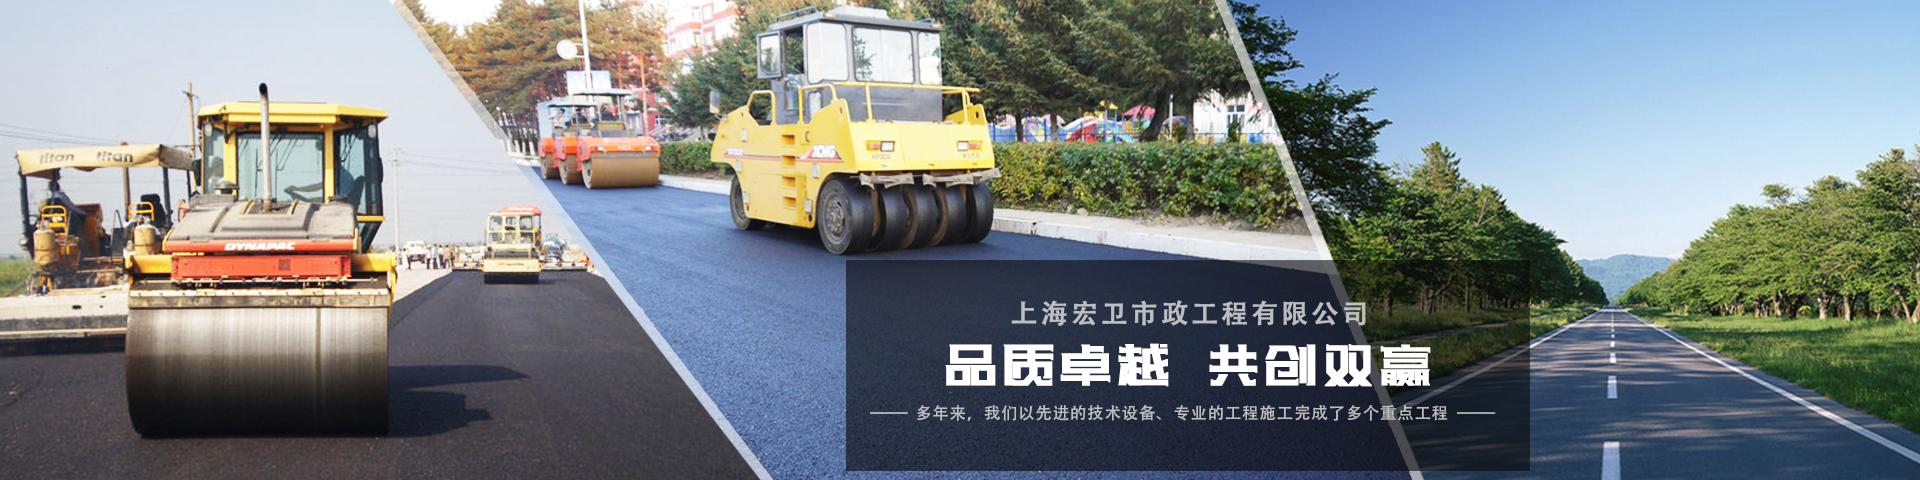 上海路面新万博manbetx官网登录施工